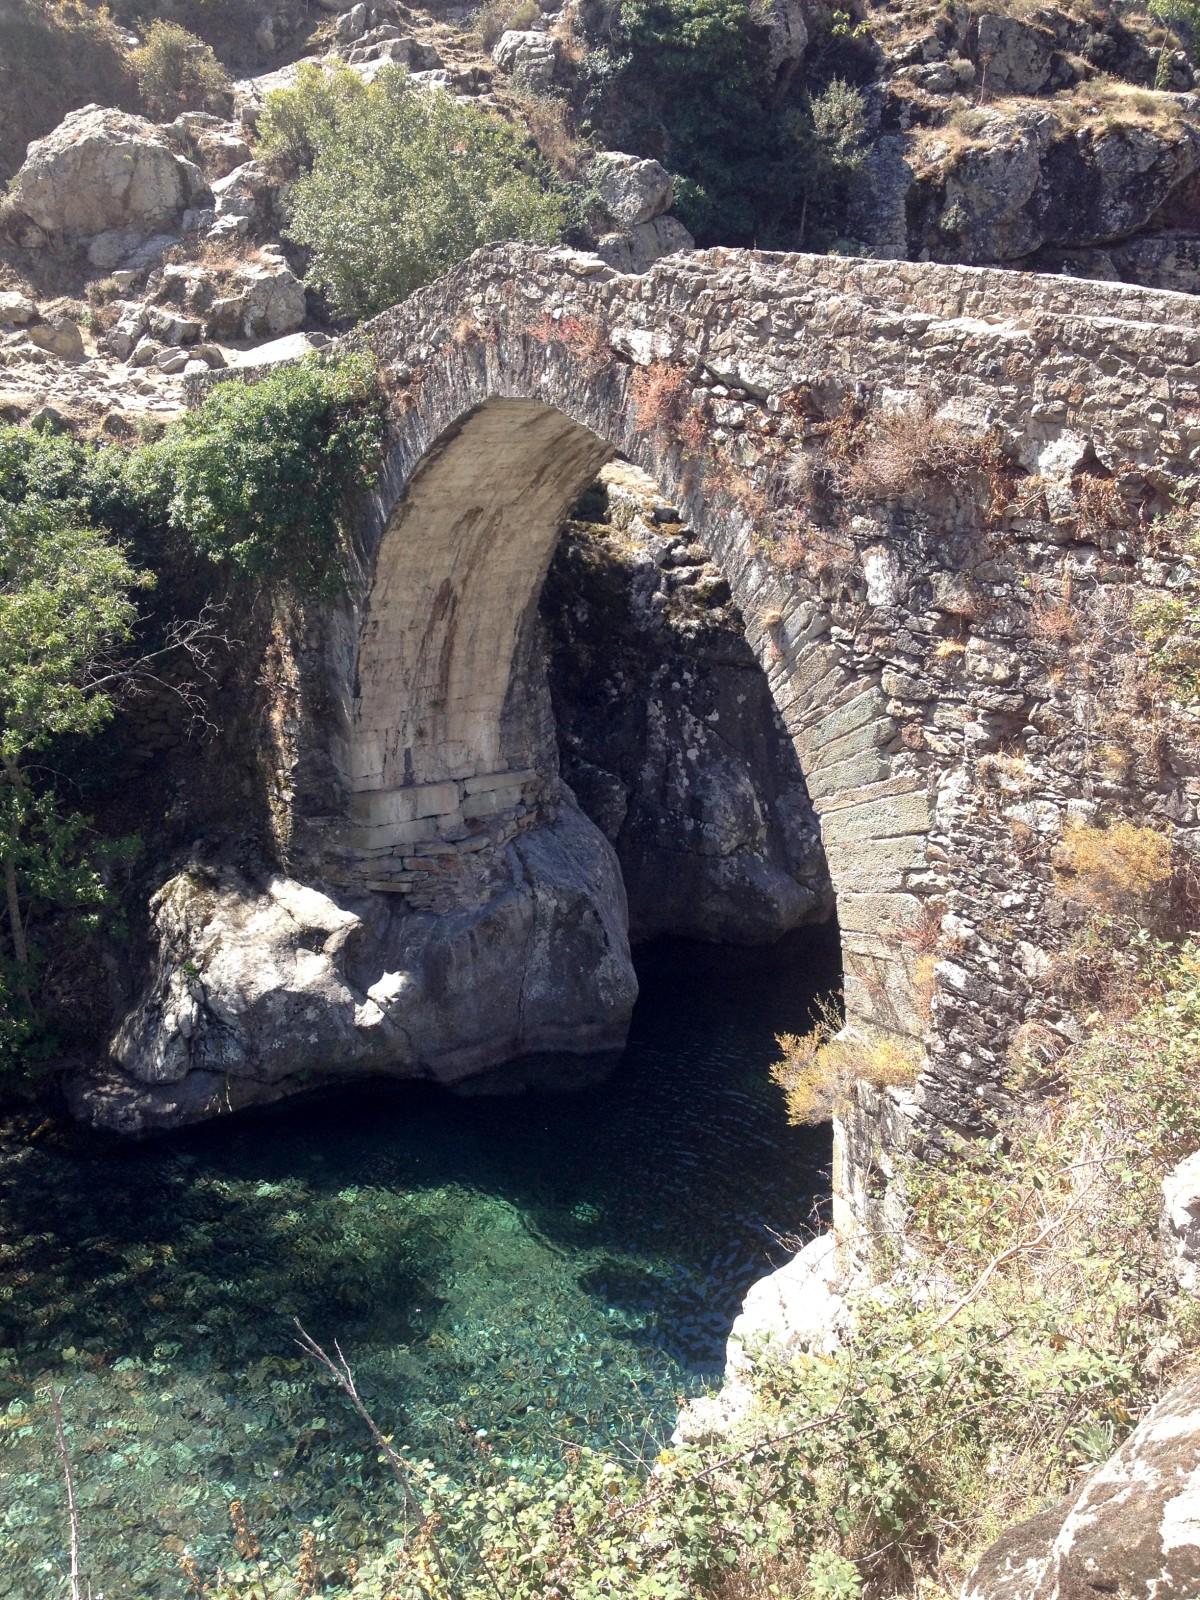 Gumpen an der alten Brücke im Asco-Tal